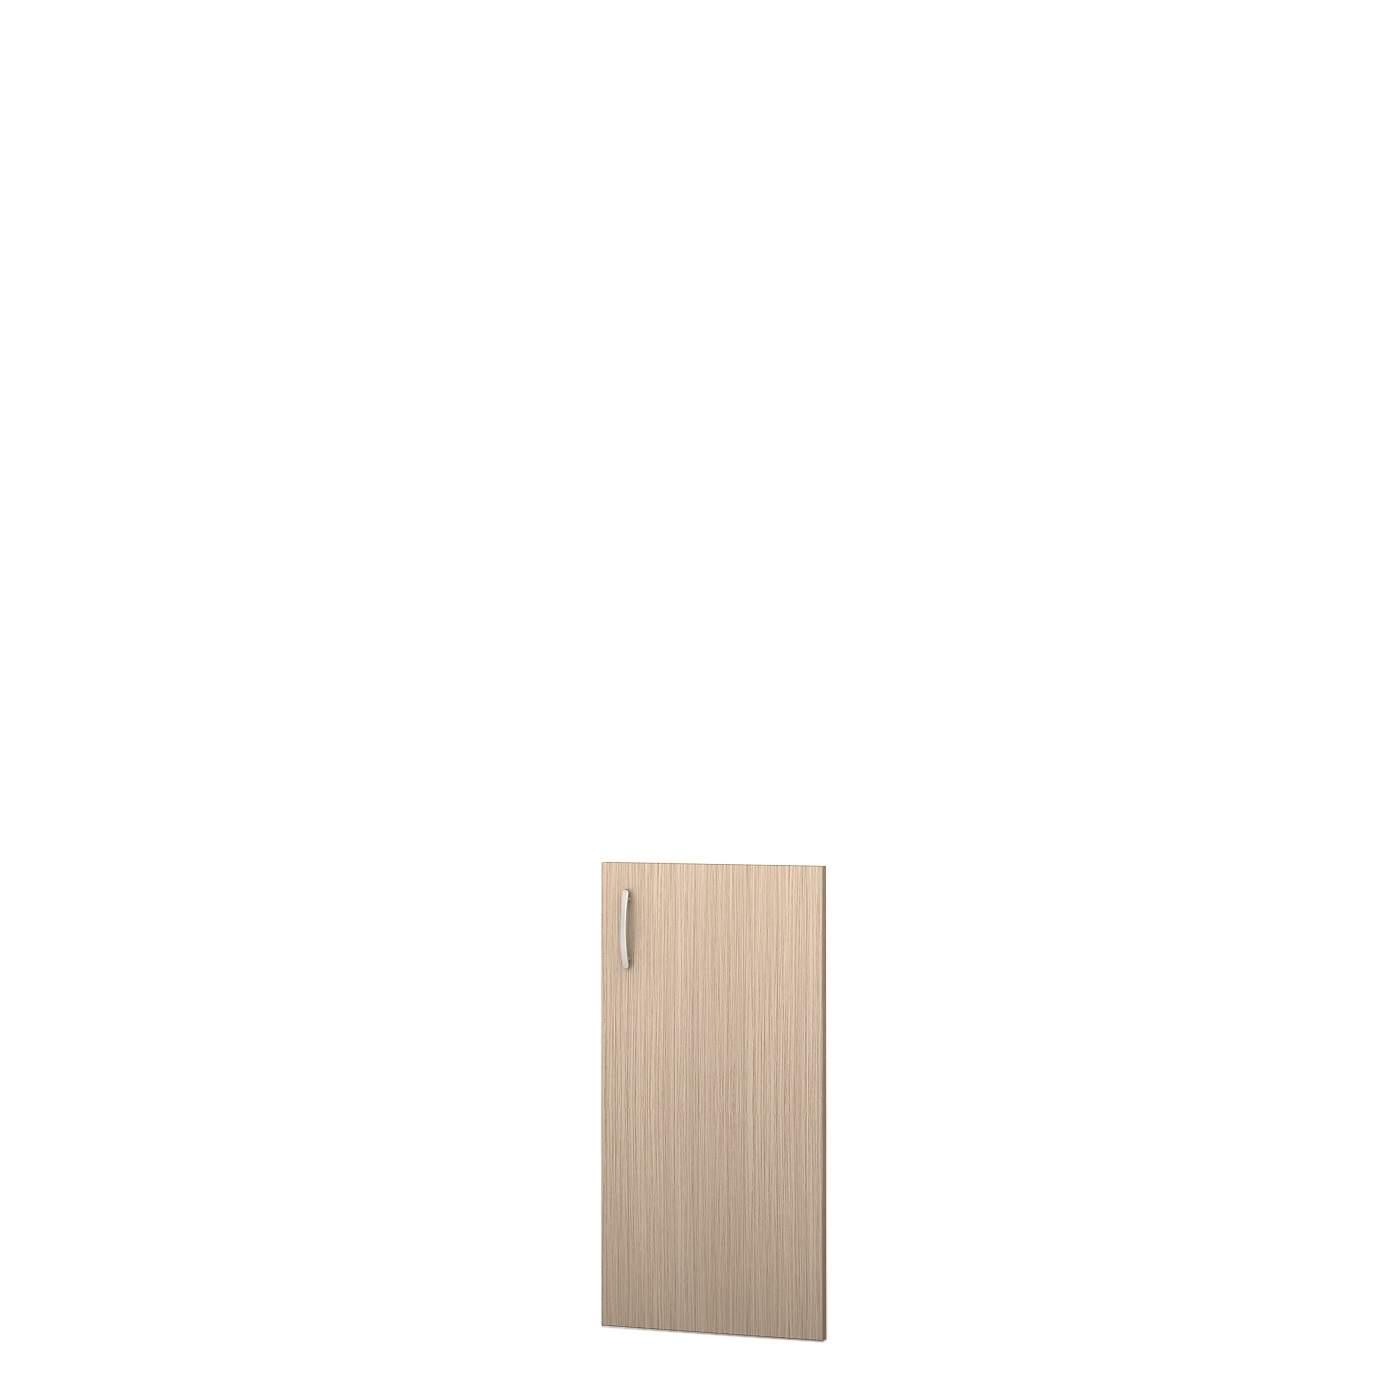 Дверь низкая 360х710х16